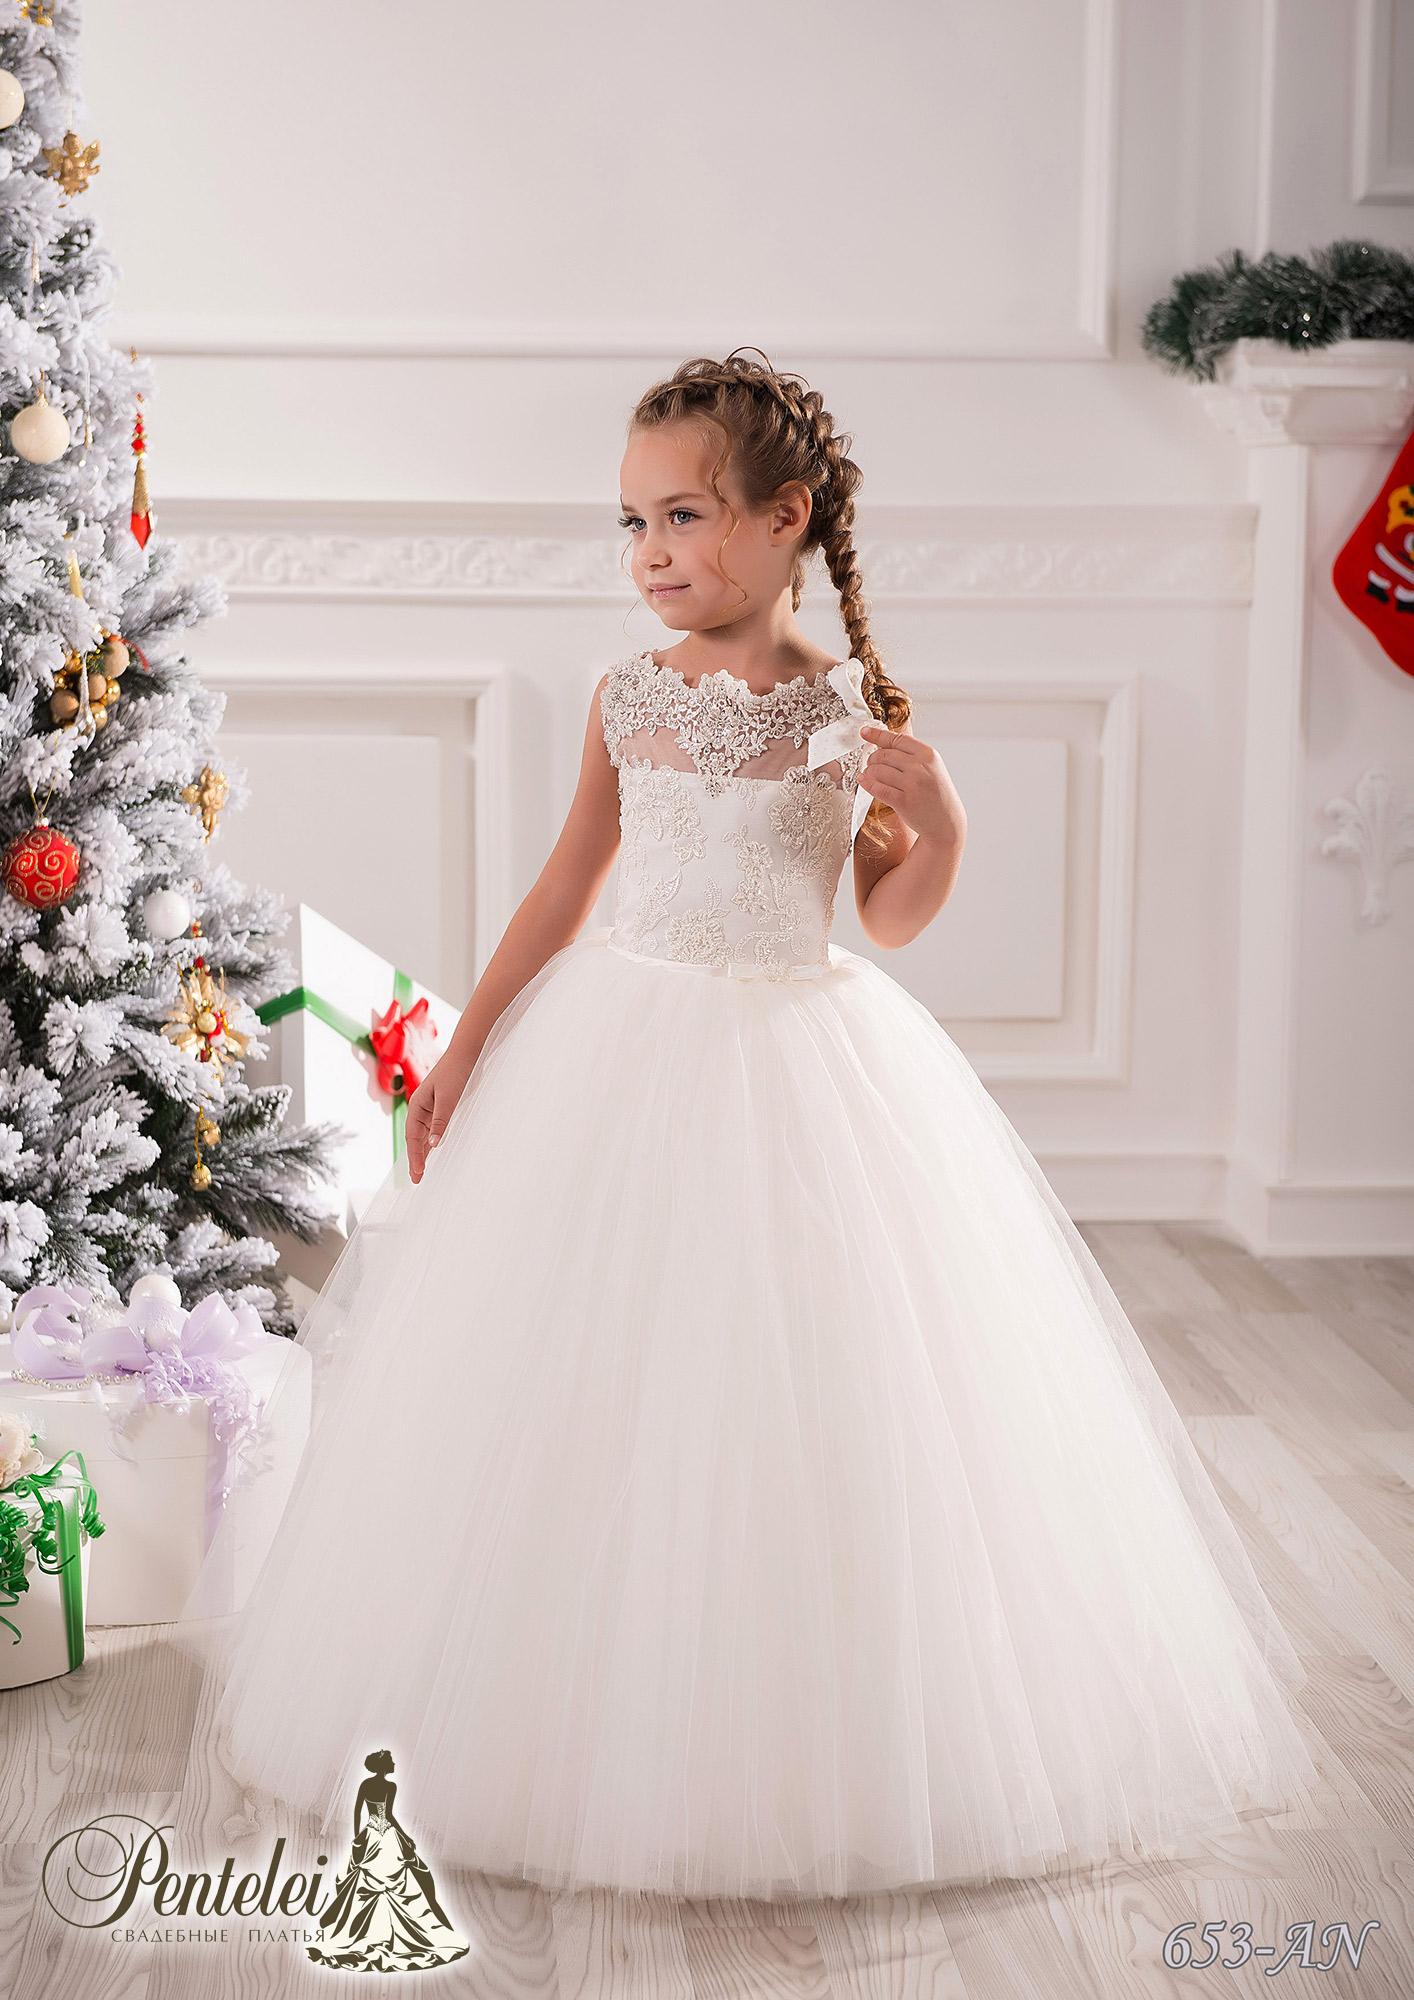 653-AN | Купити дитячі сукні оптом від Pentelei